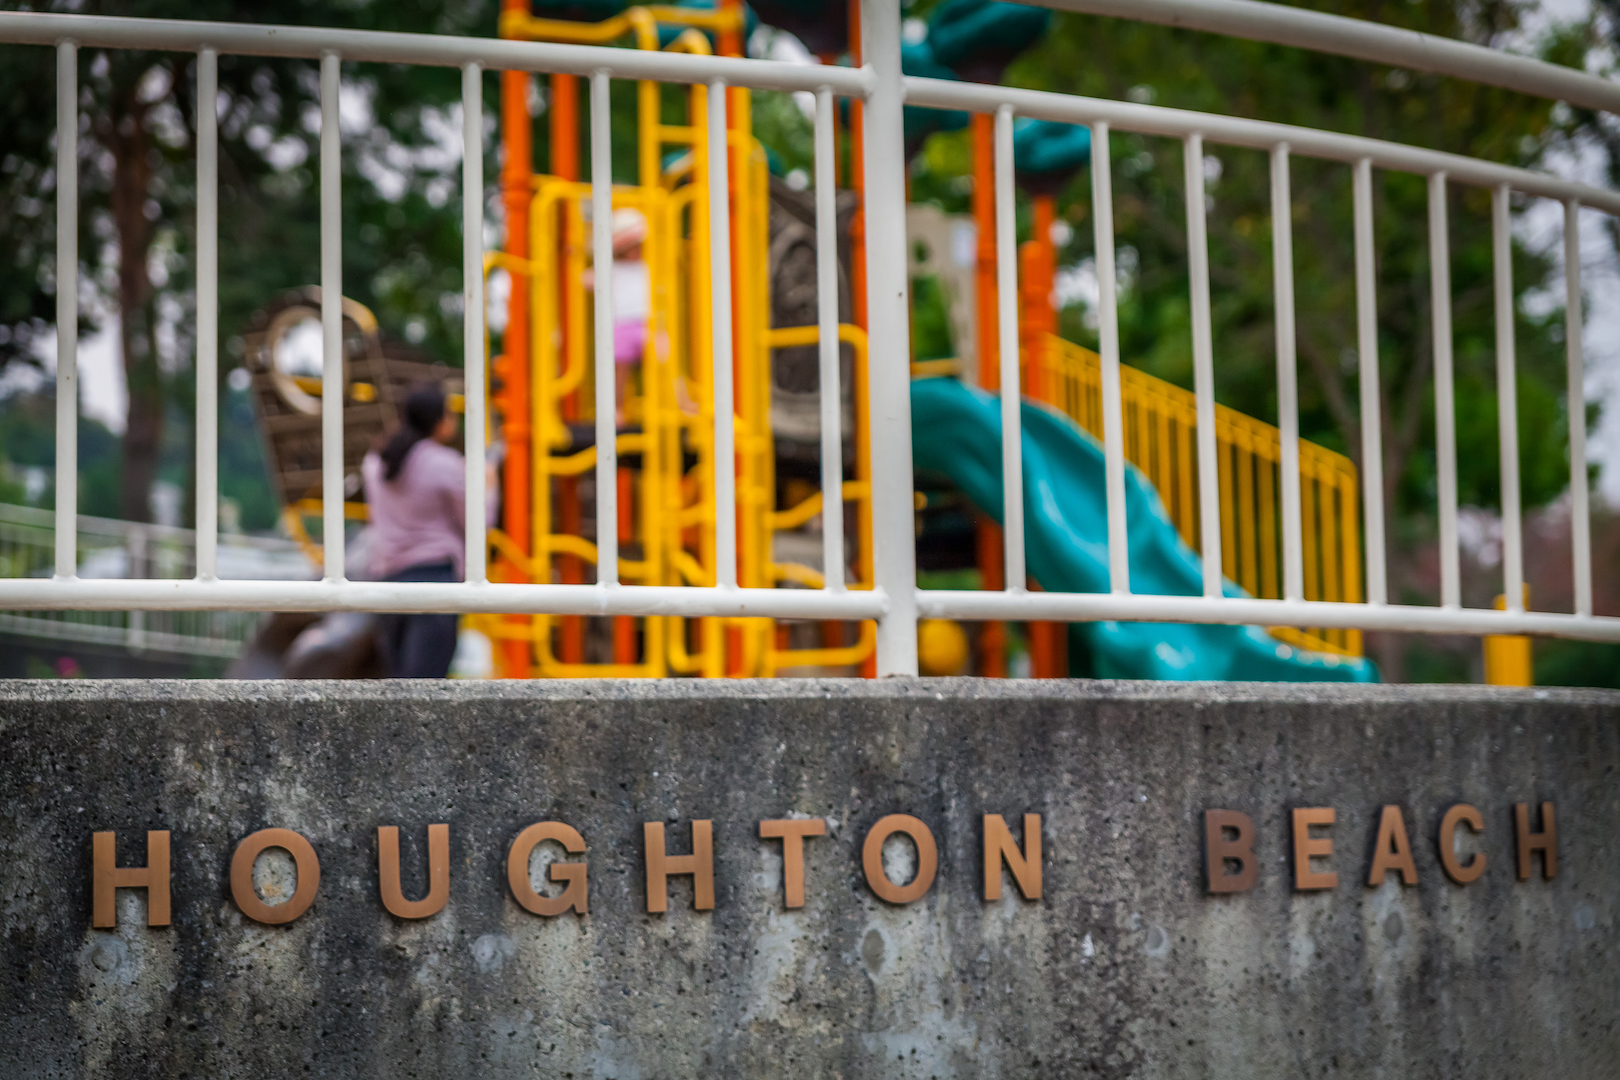 HoughtonBeachPark2.jpg